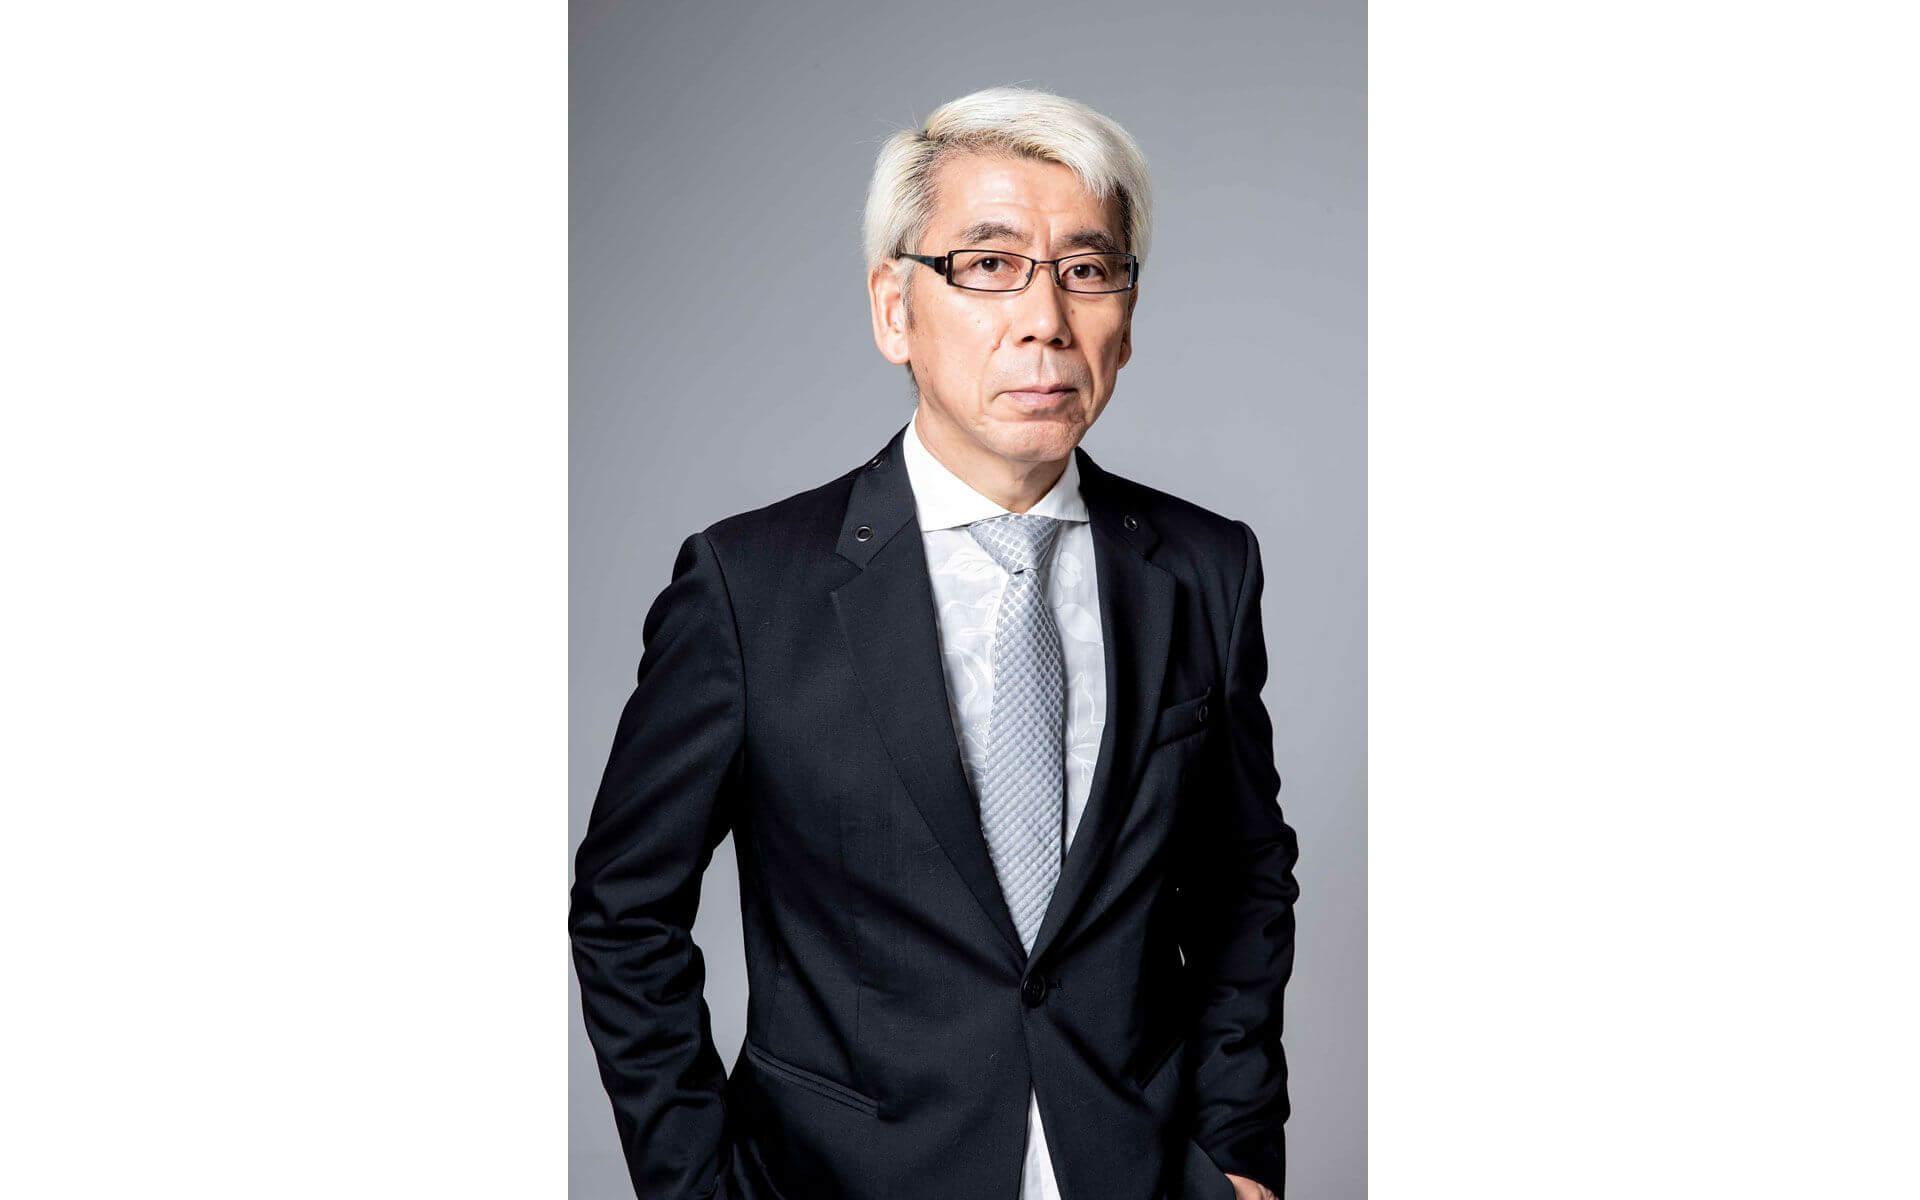 【くにまる】10月19日(火)吉田照美降臨!!伝説的番組『やる気マンマン』復活か?!